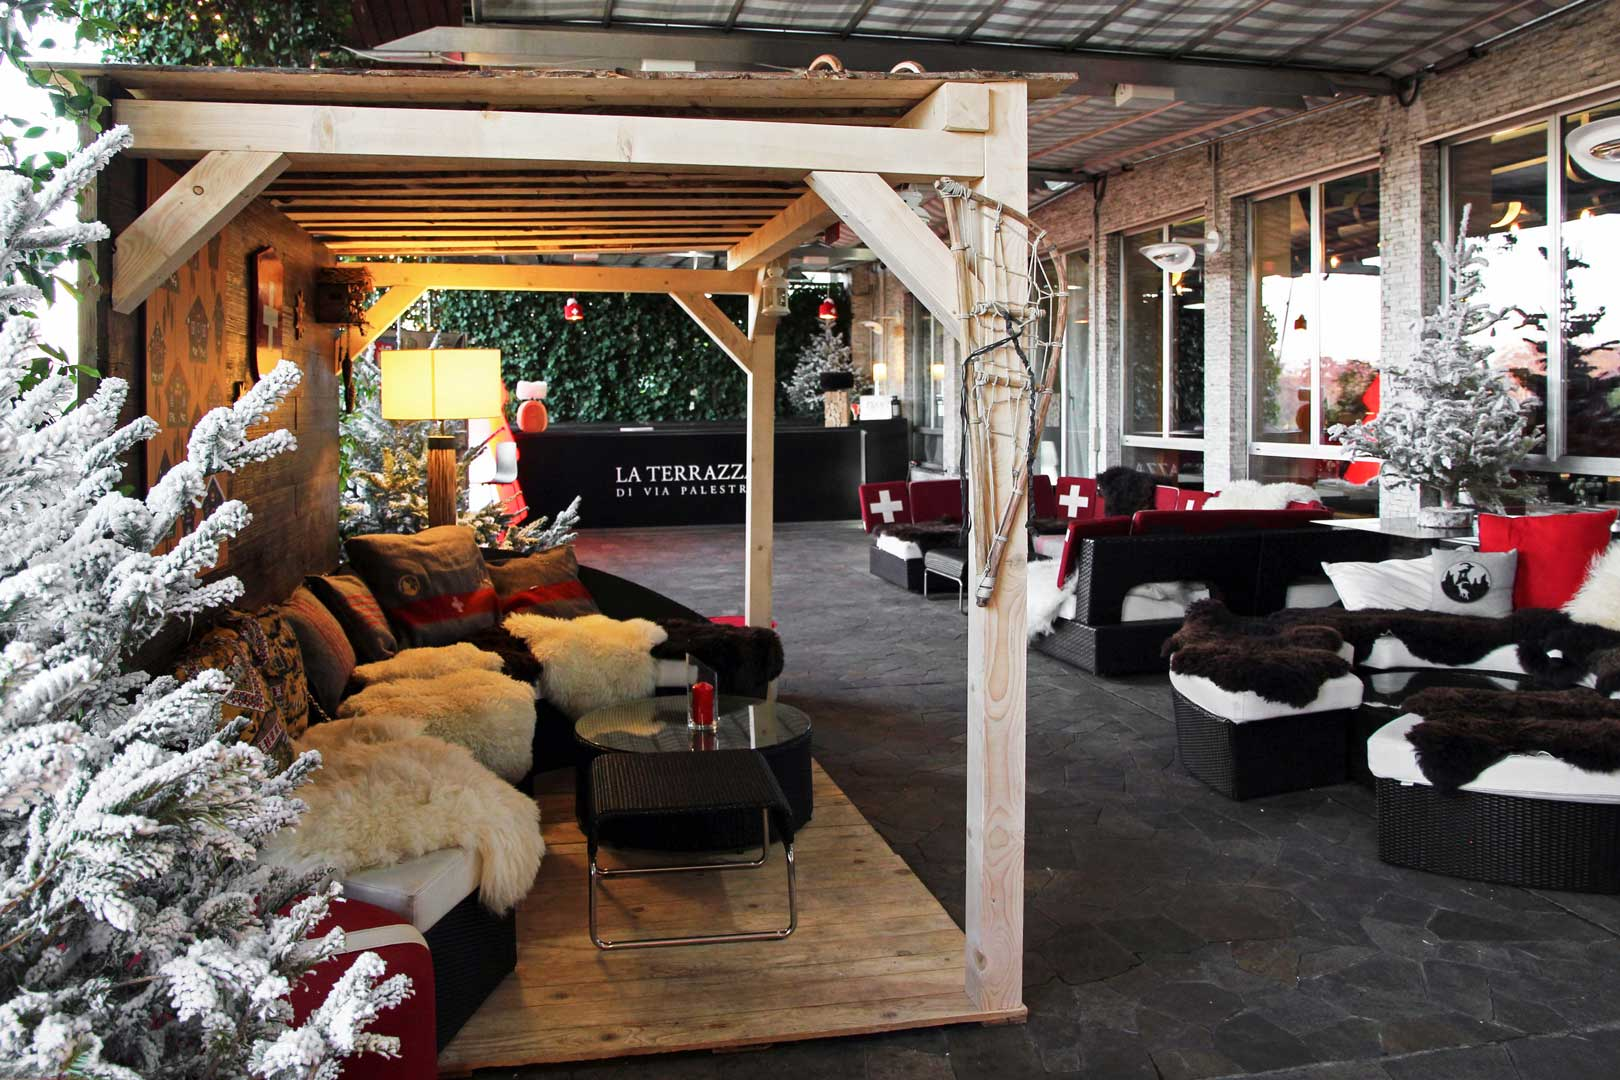 Swiss Winter Lounge - La Terrazza di Via Palestro